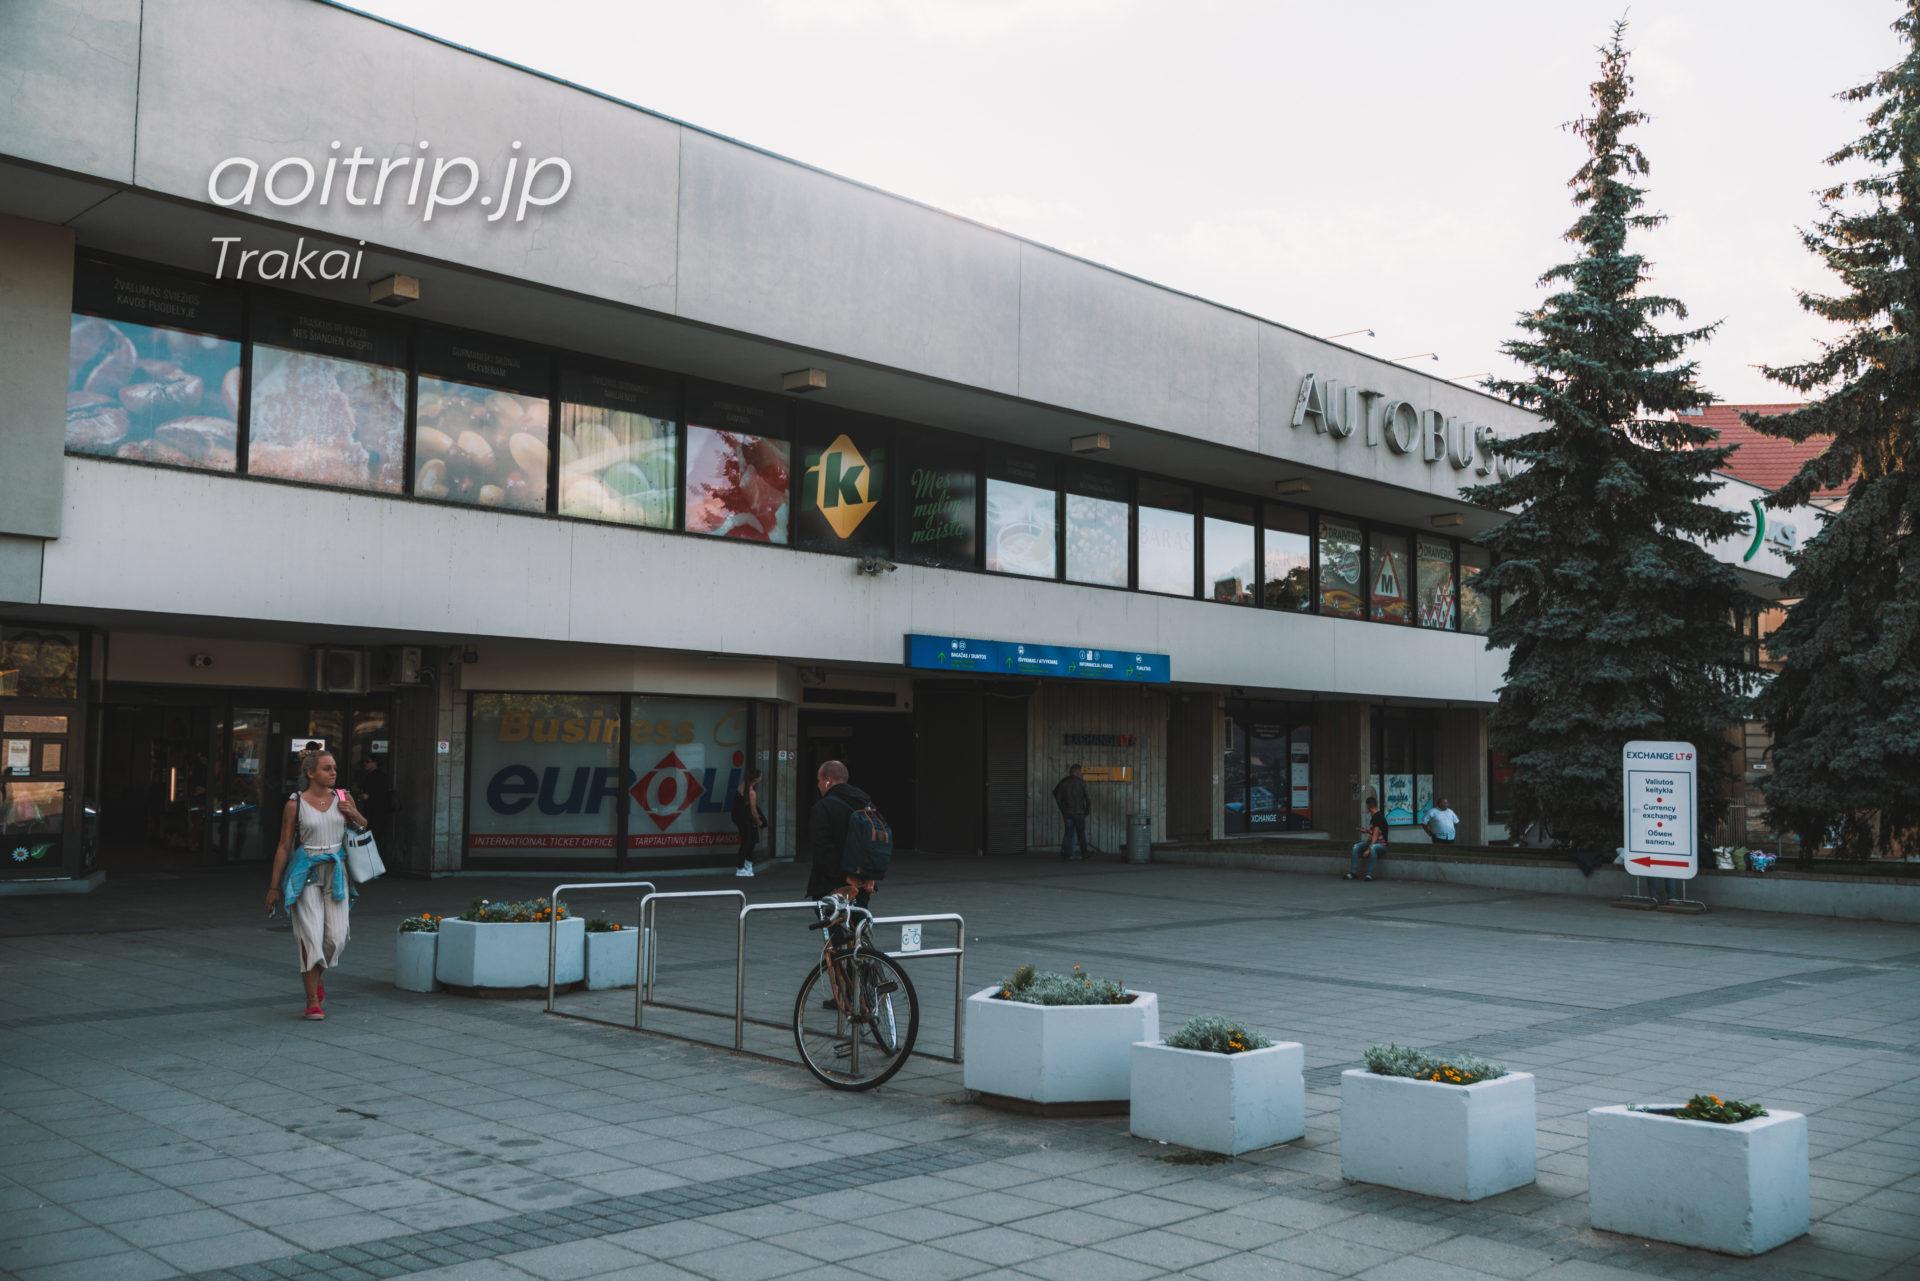 ヴィリニュス バスステーション